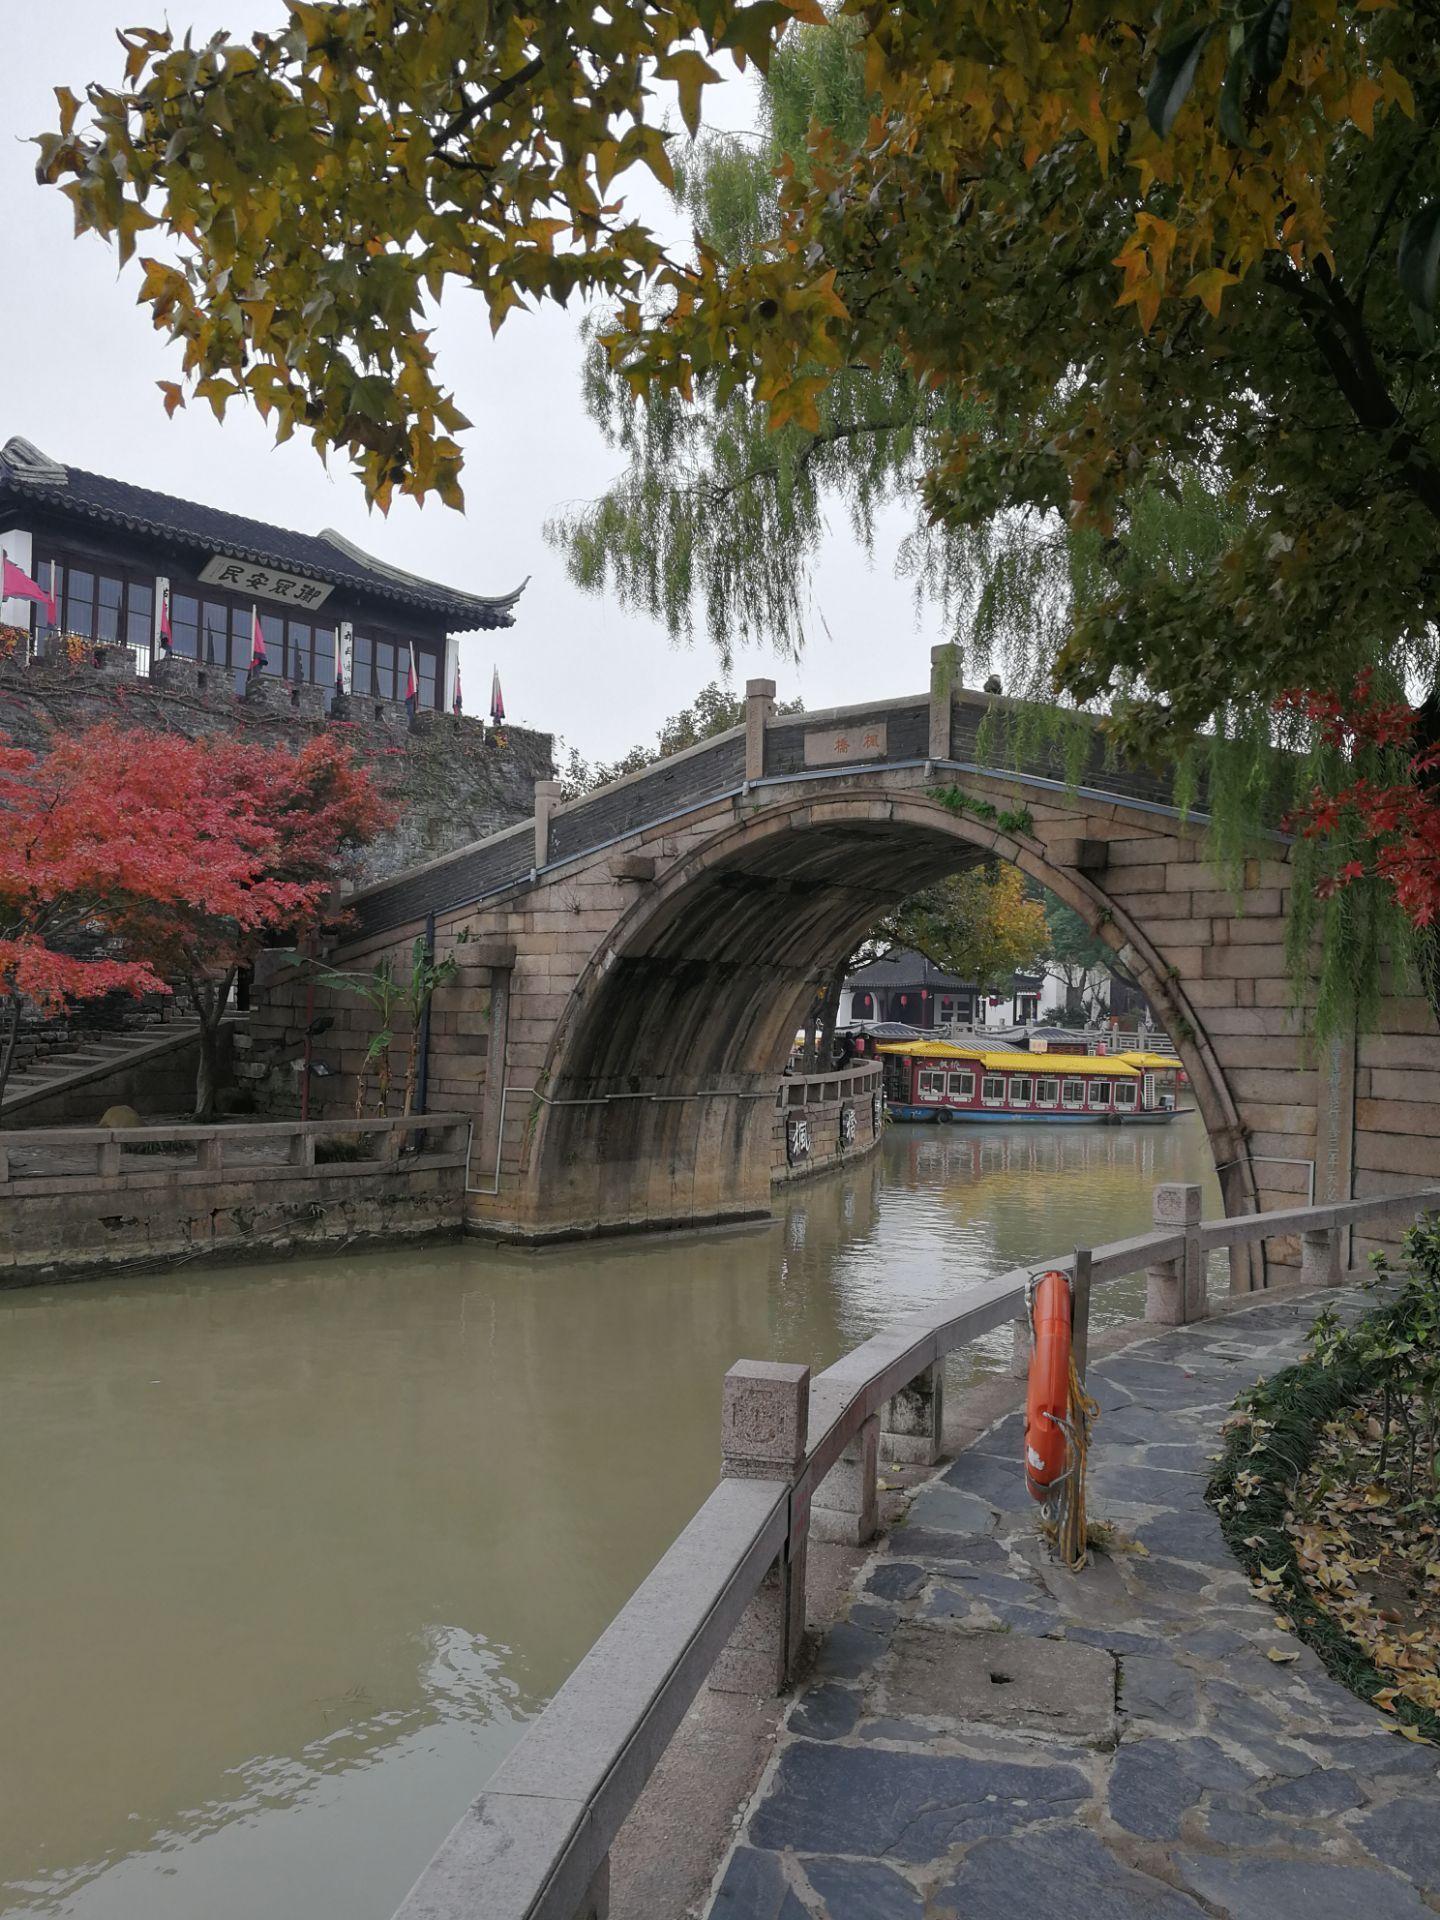 2019鞍山攻略游玩攻略,枫桥风景名胜区是以寒枫桥到长春自驾游景区图片